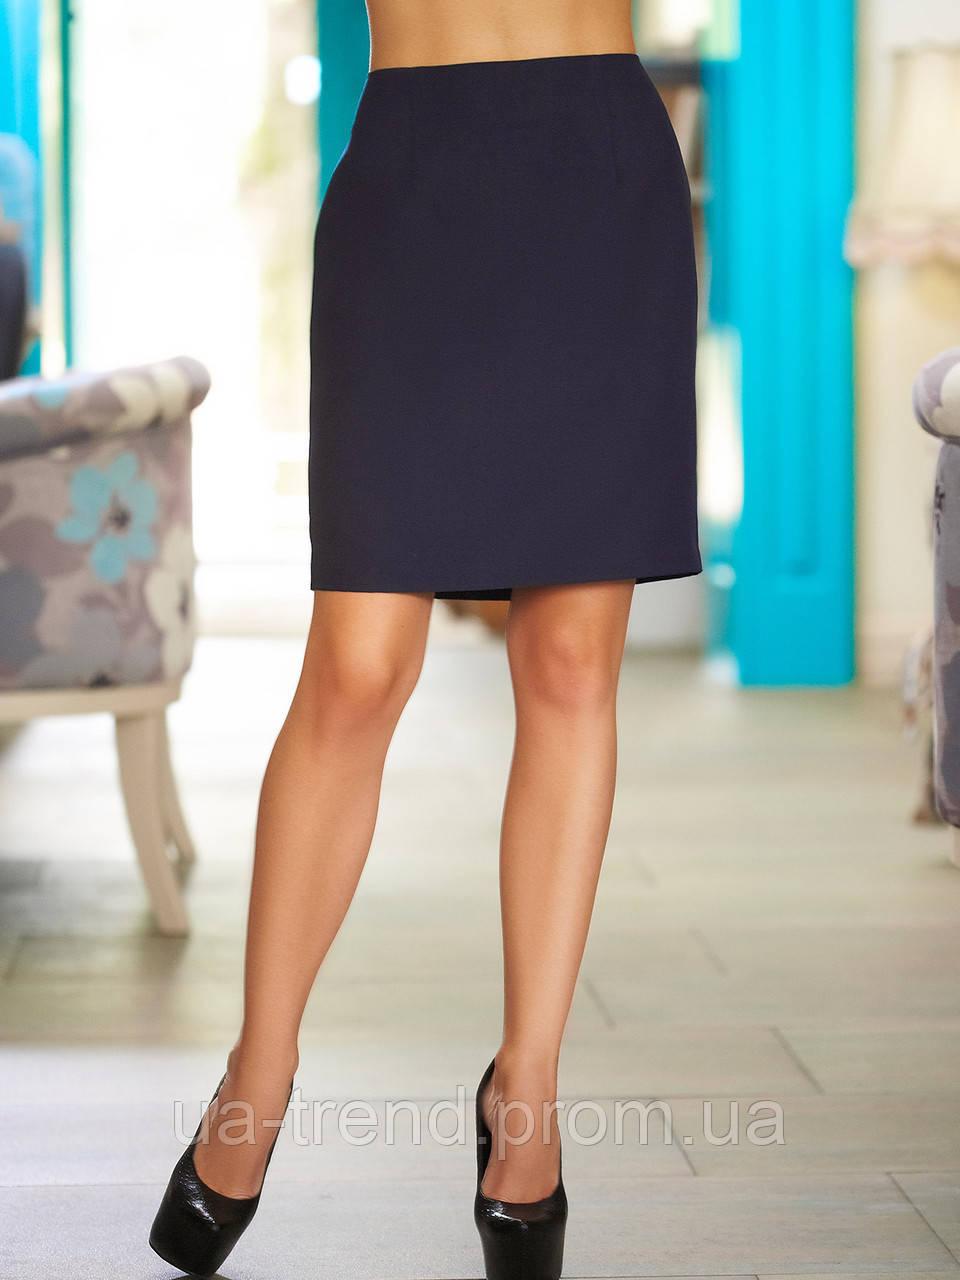 Женская юбка офисного стиля